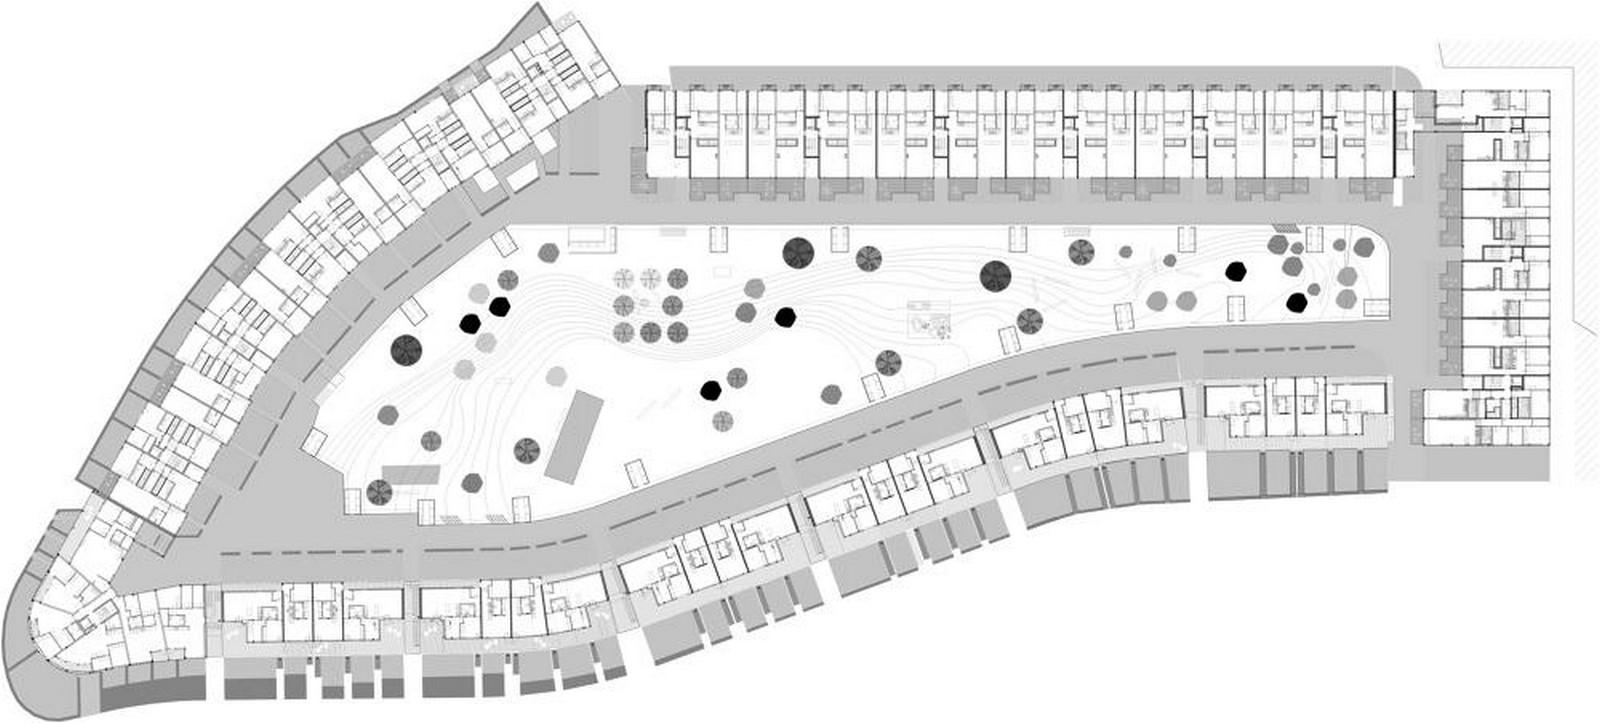 320 apartments at Årvollskogen - Sheet2